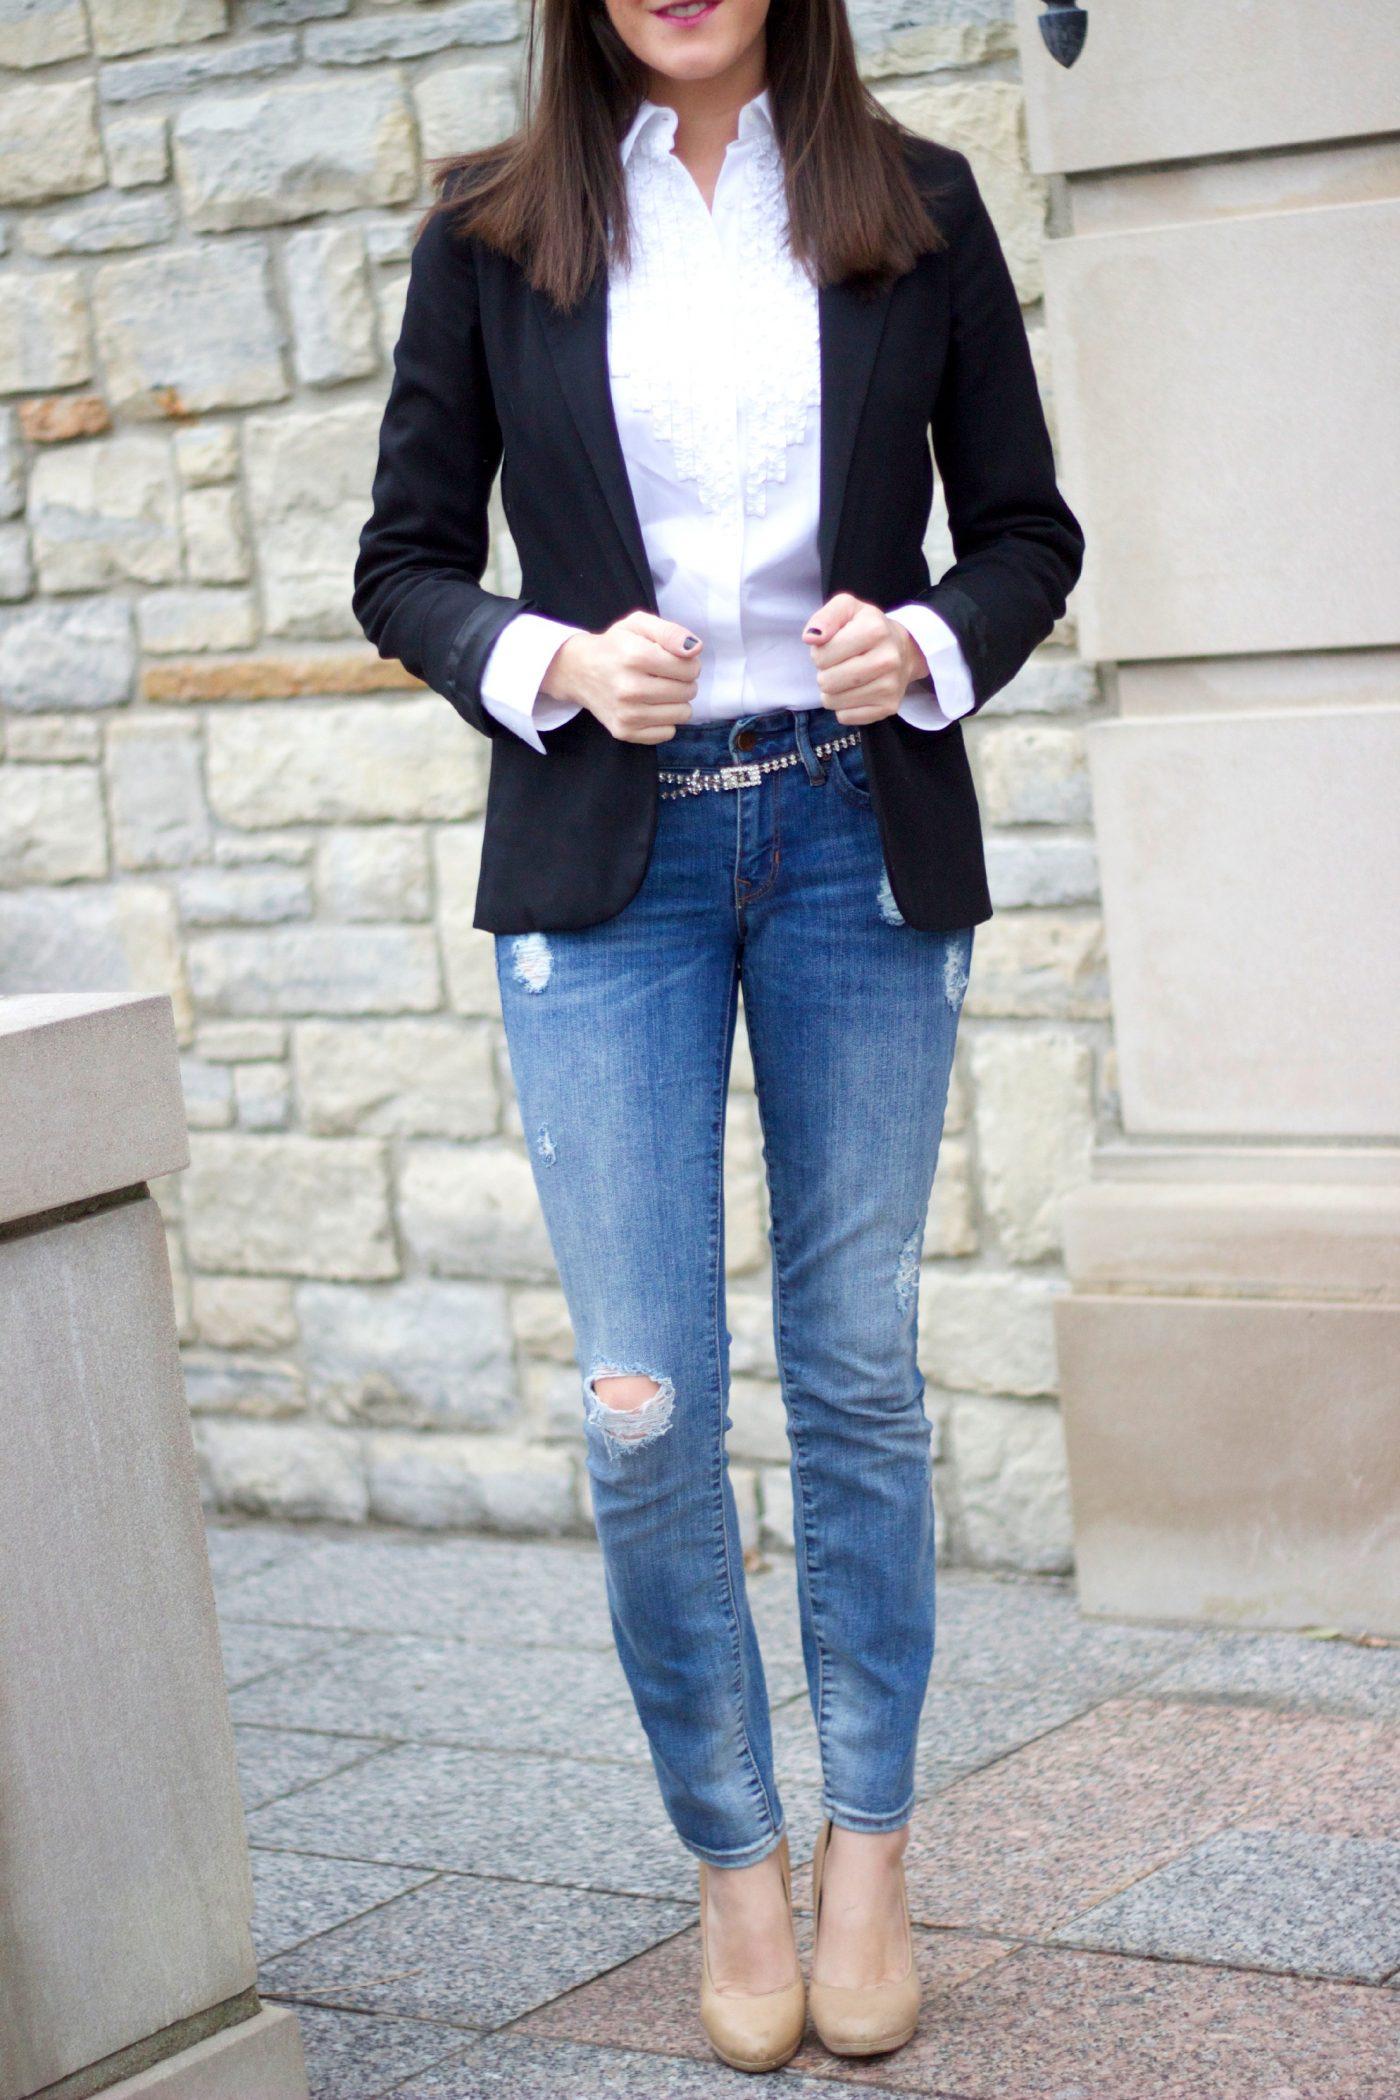 Ripped Jeans with Dressy Blazer